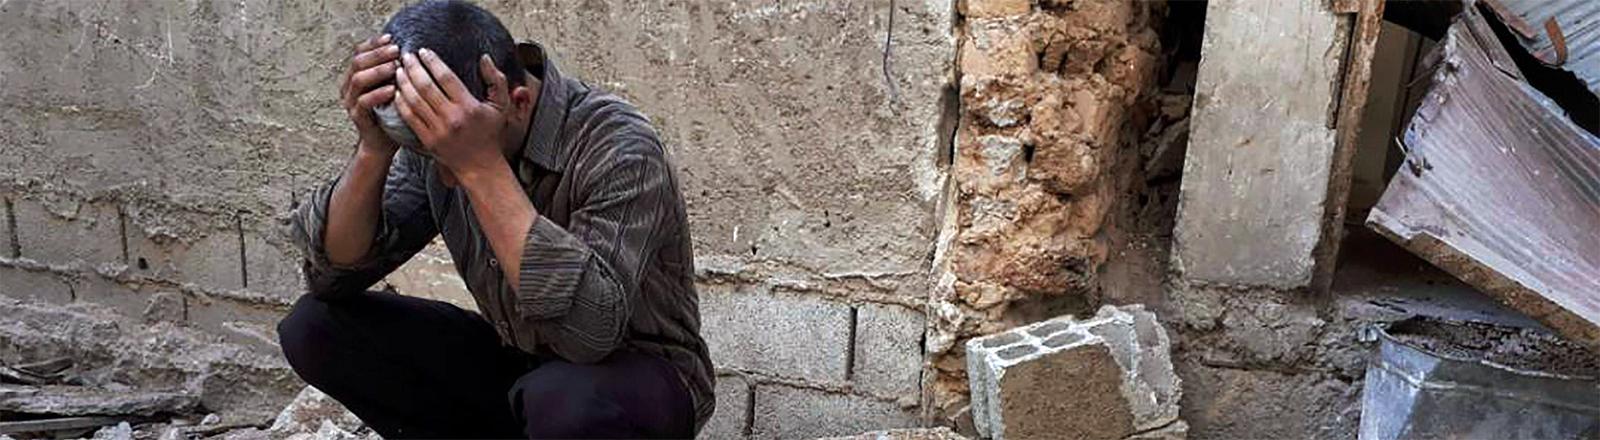 Nach dem Angriff mit chemischen Waffen: Ein trauernder Mann im syrischen Douma am 9. April 2018